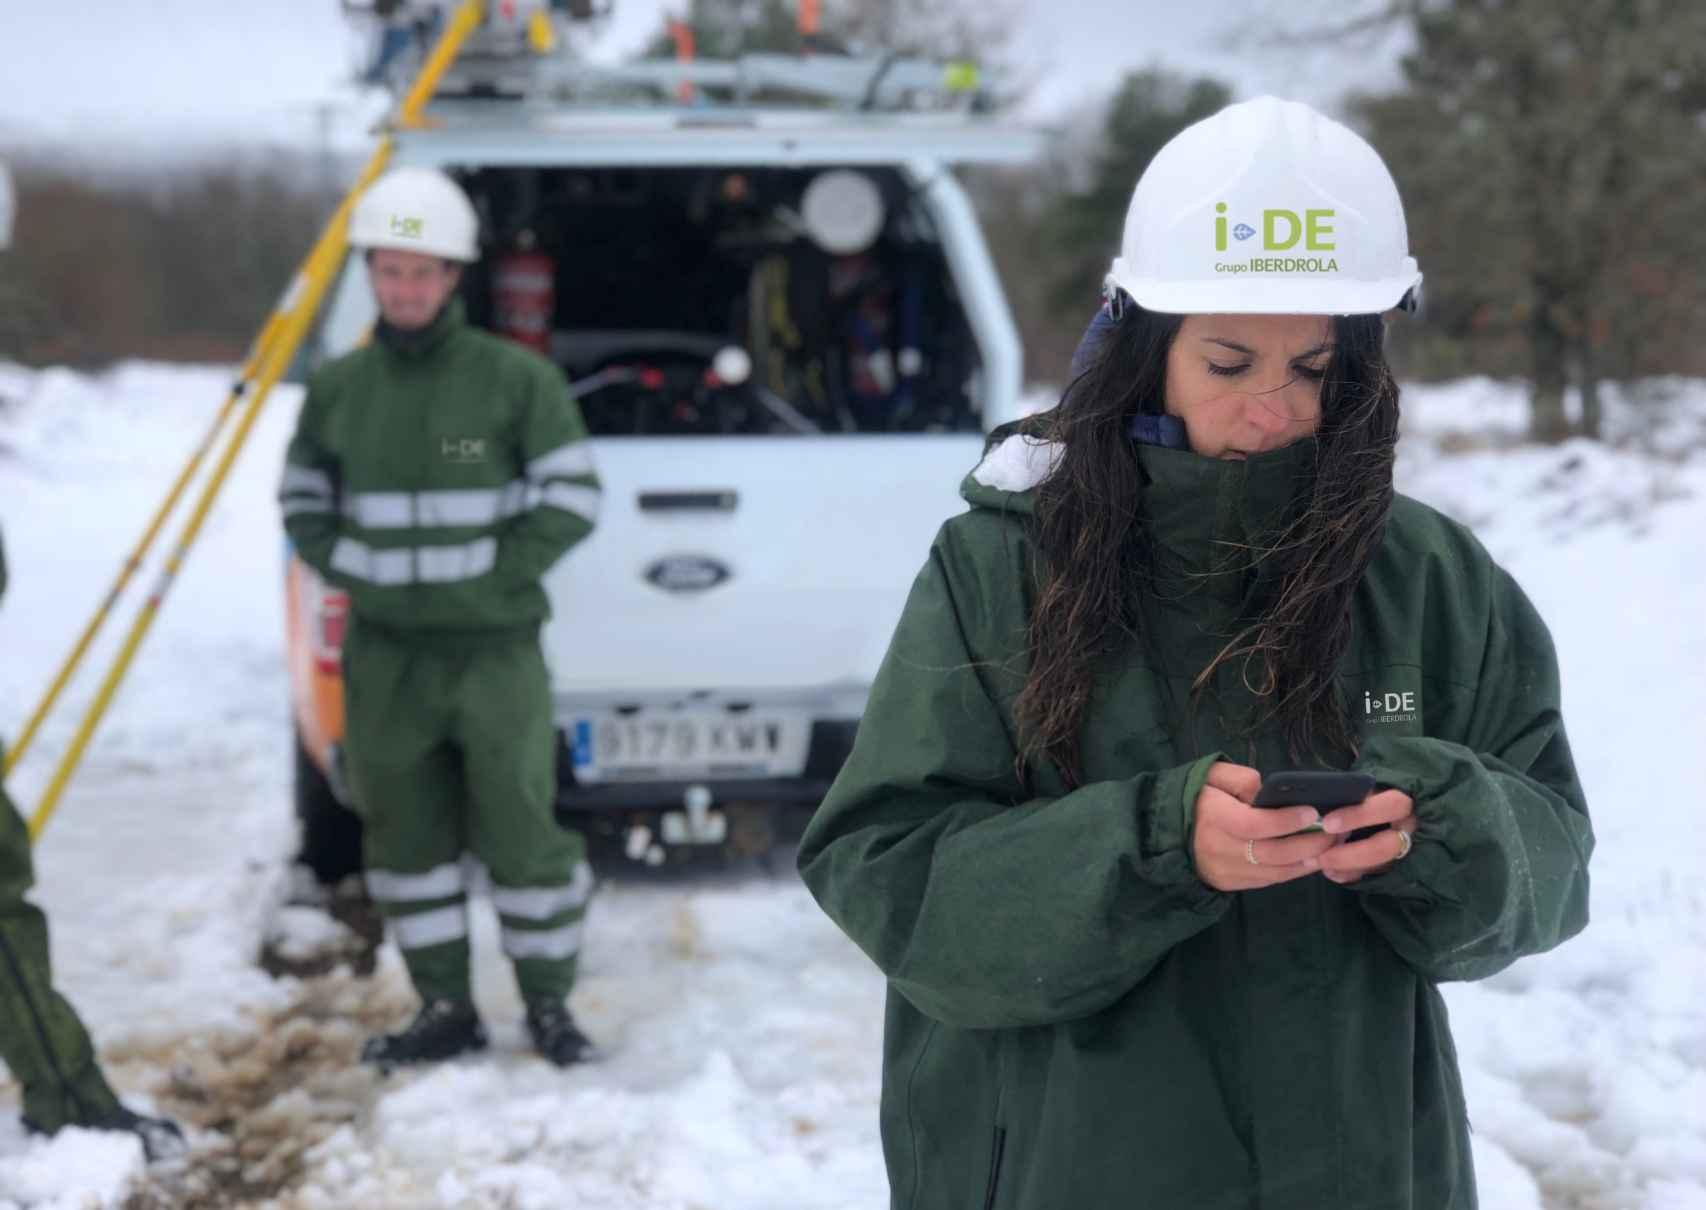 Trabajos de mantenimiento de redes.